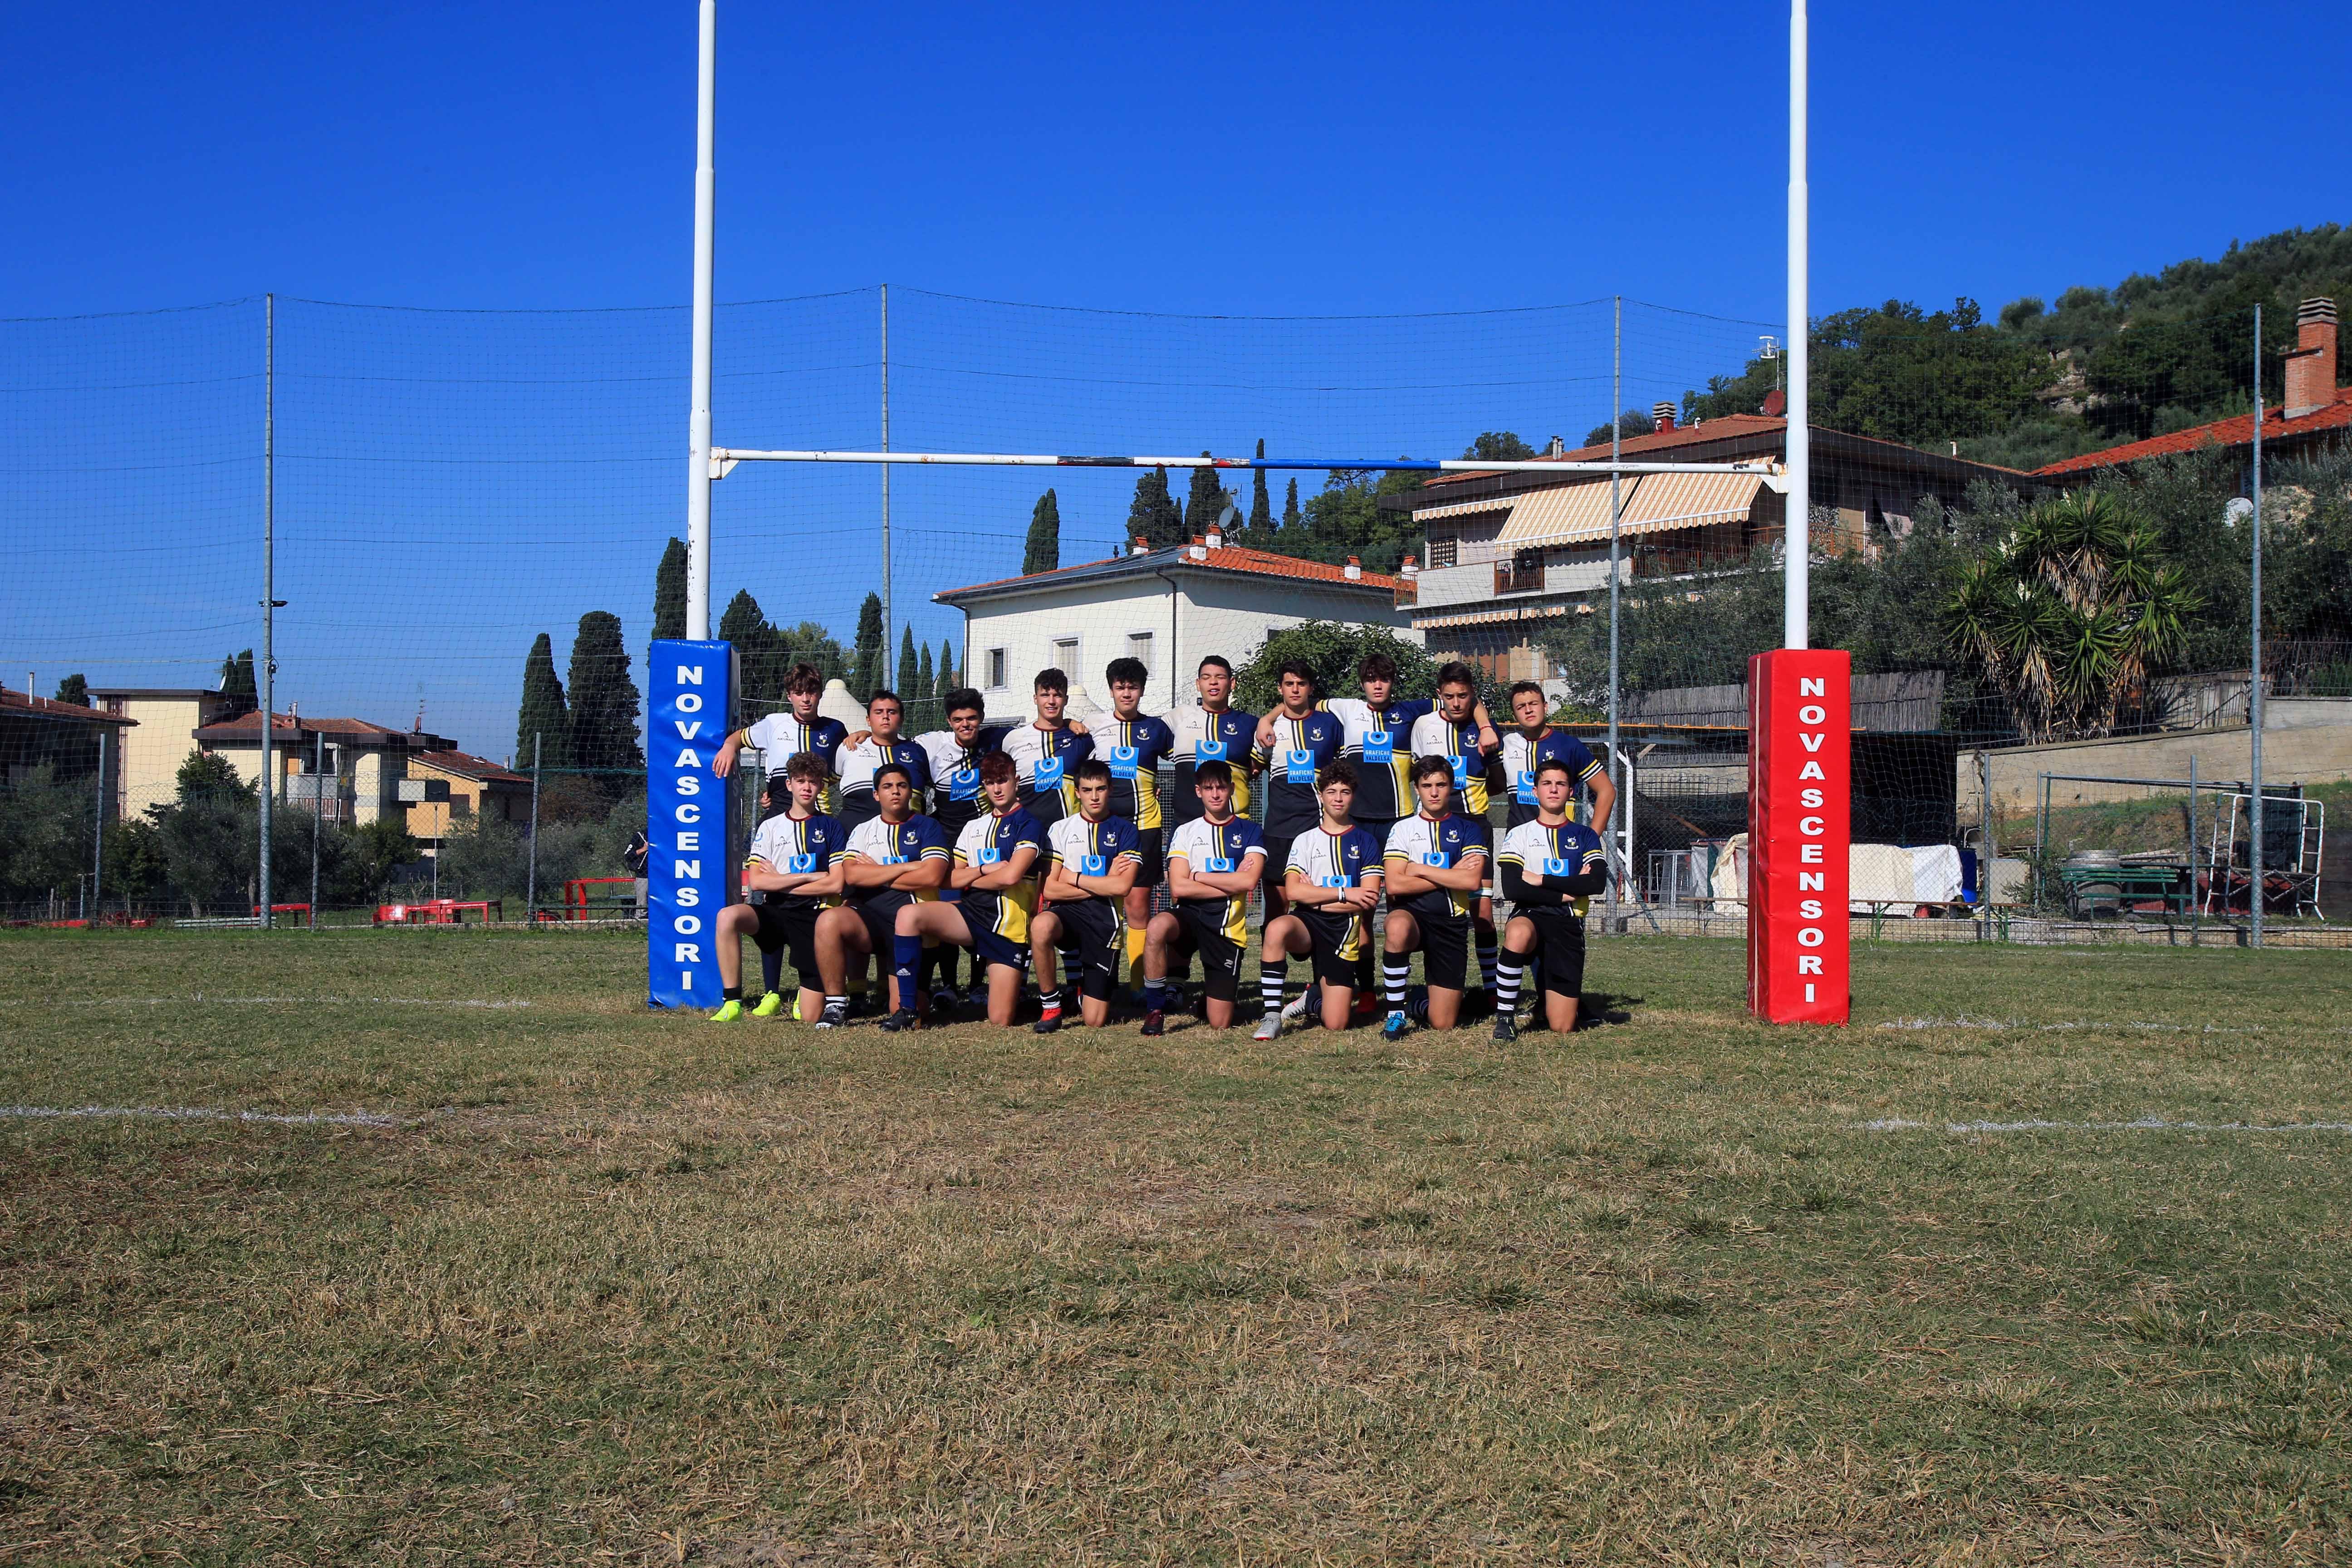 U16 FTGI Ghibellini Grafiche Valdelsa 1° di campionato